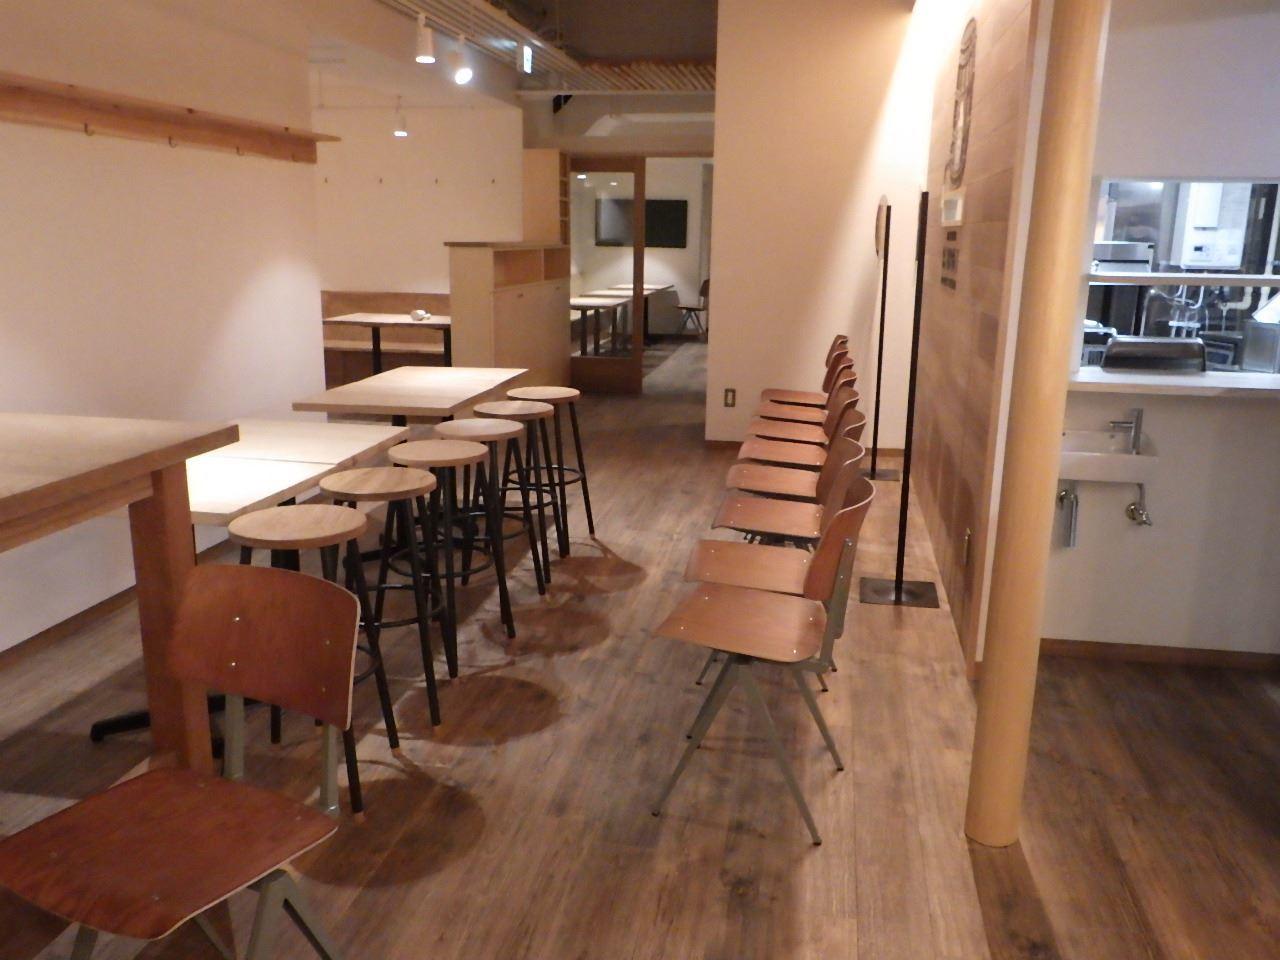 ベアレン醸造所様 駅前新店舗開店工事 工事完了へ!_f0105112_06364871.jpg